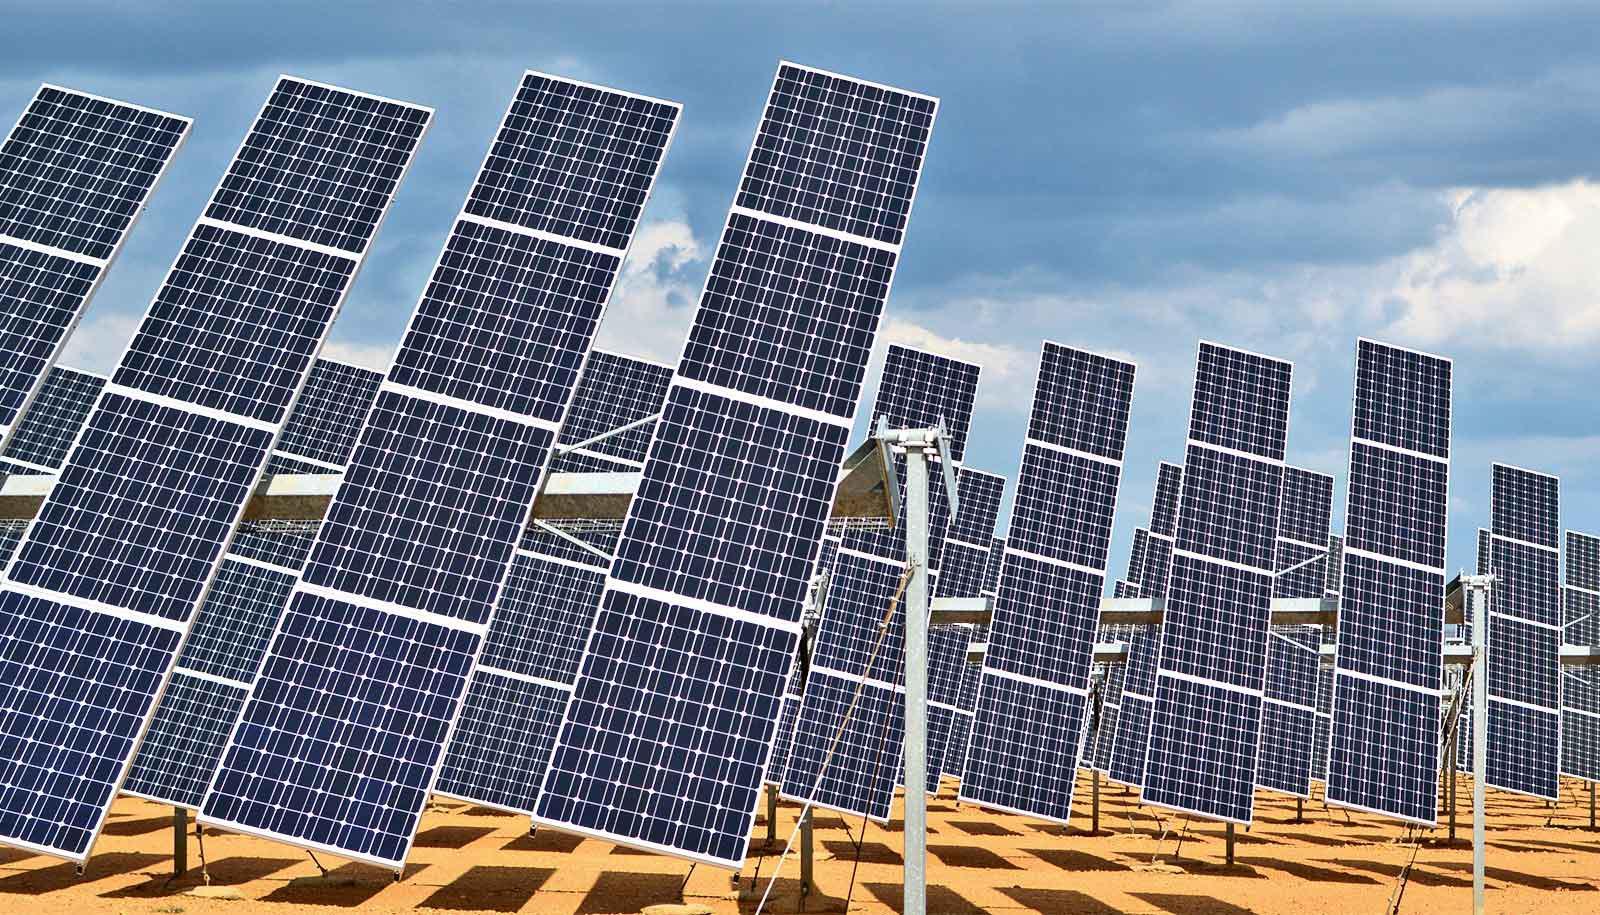 solar panels in the desert (carbon nanotubes concept)